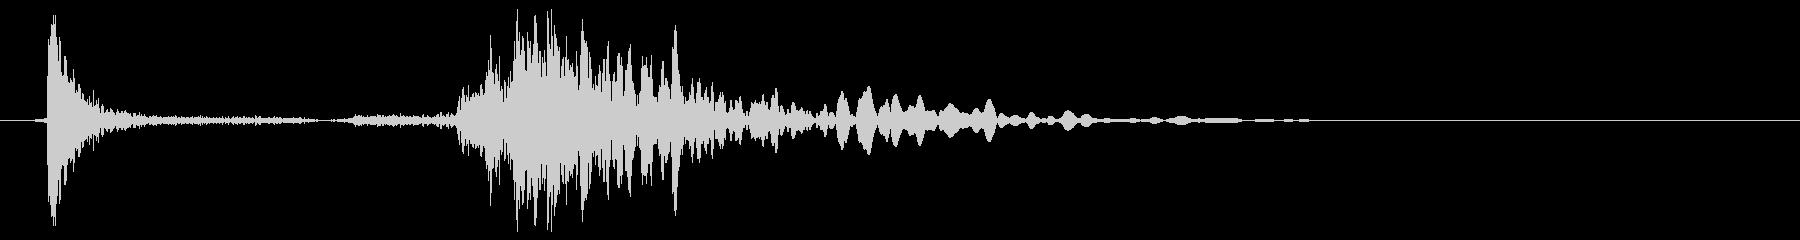 ロッカーの開け閉め音(カッ、バタン)の未再生の波形